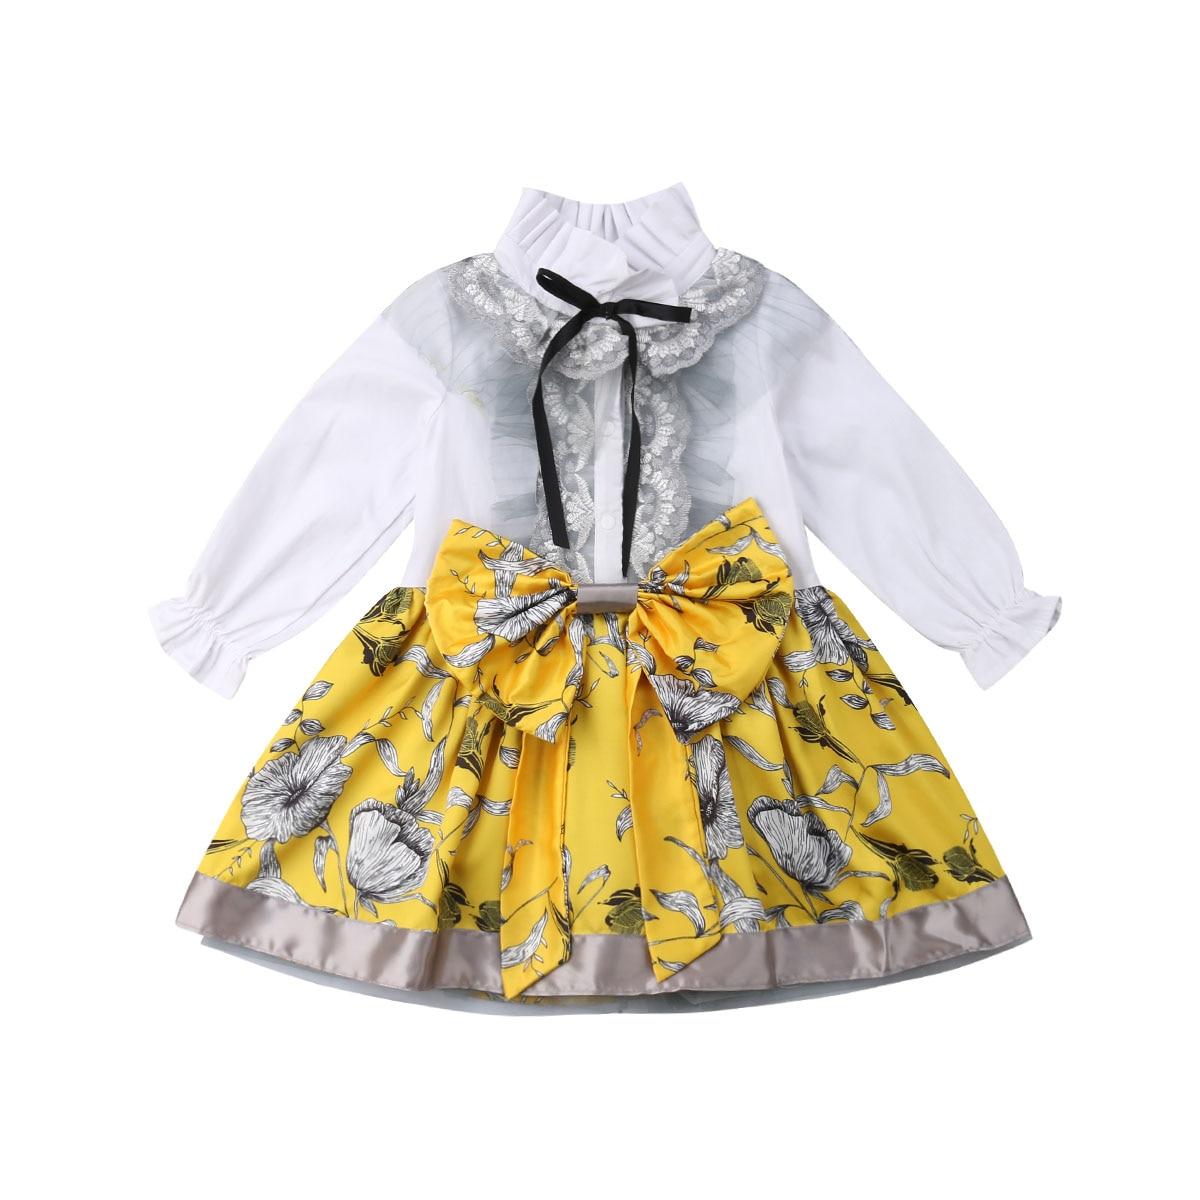 1-5y Kleinkind Kind Baby Mädchen Kleid Prinzessin Spitze Tutu Party Geburtstag Kleider Für Mädchen Lange Hülse Frühling Herbst Mädchen Kleidung